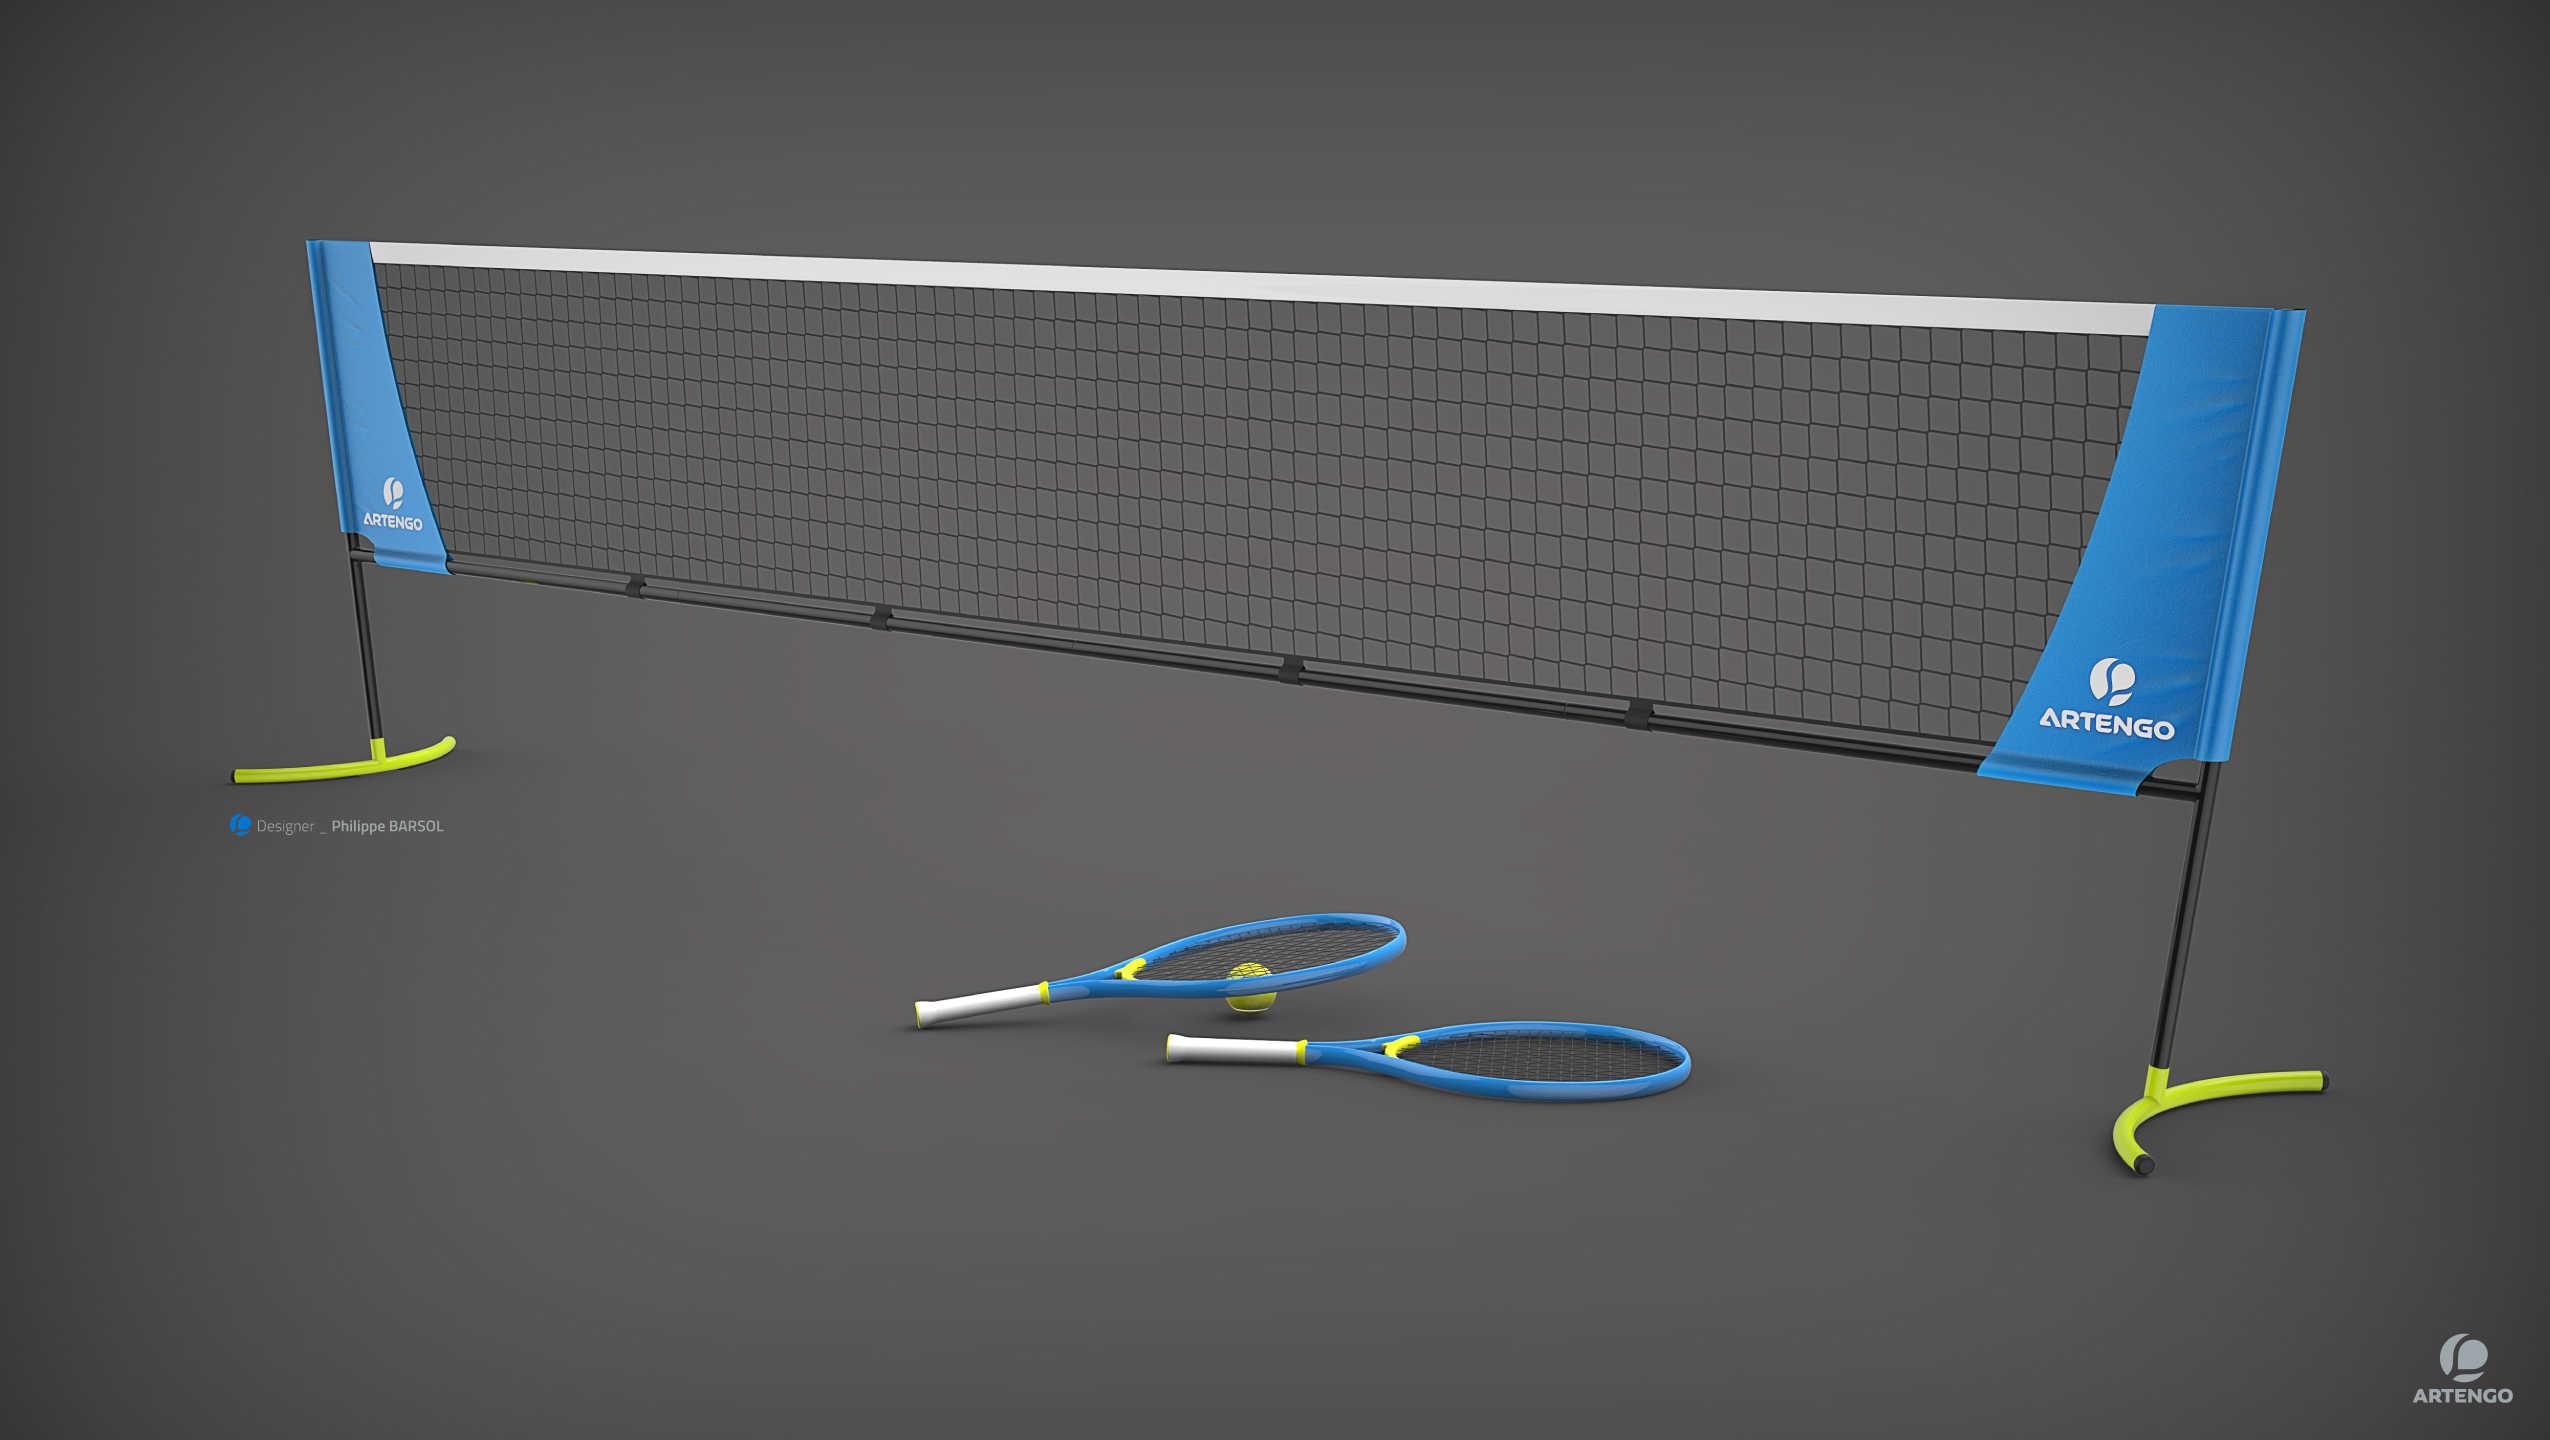 filet mini tennis premisse design. Black Bedroom Furniture Sets. Home Design Ideas